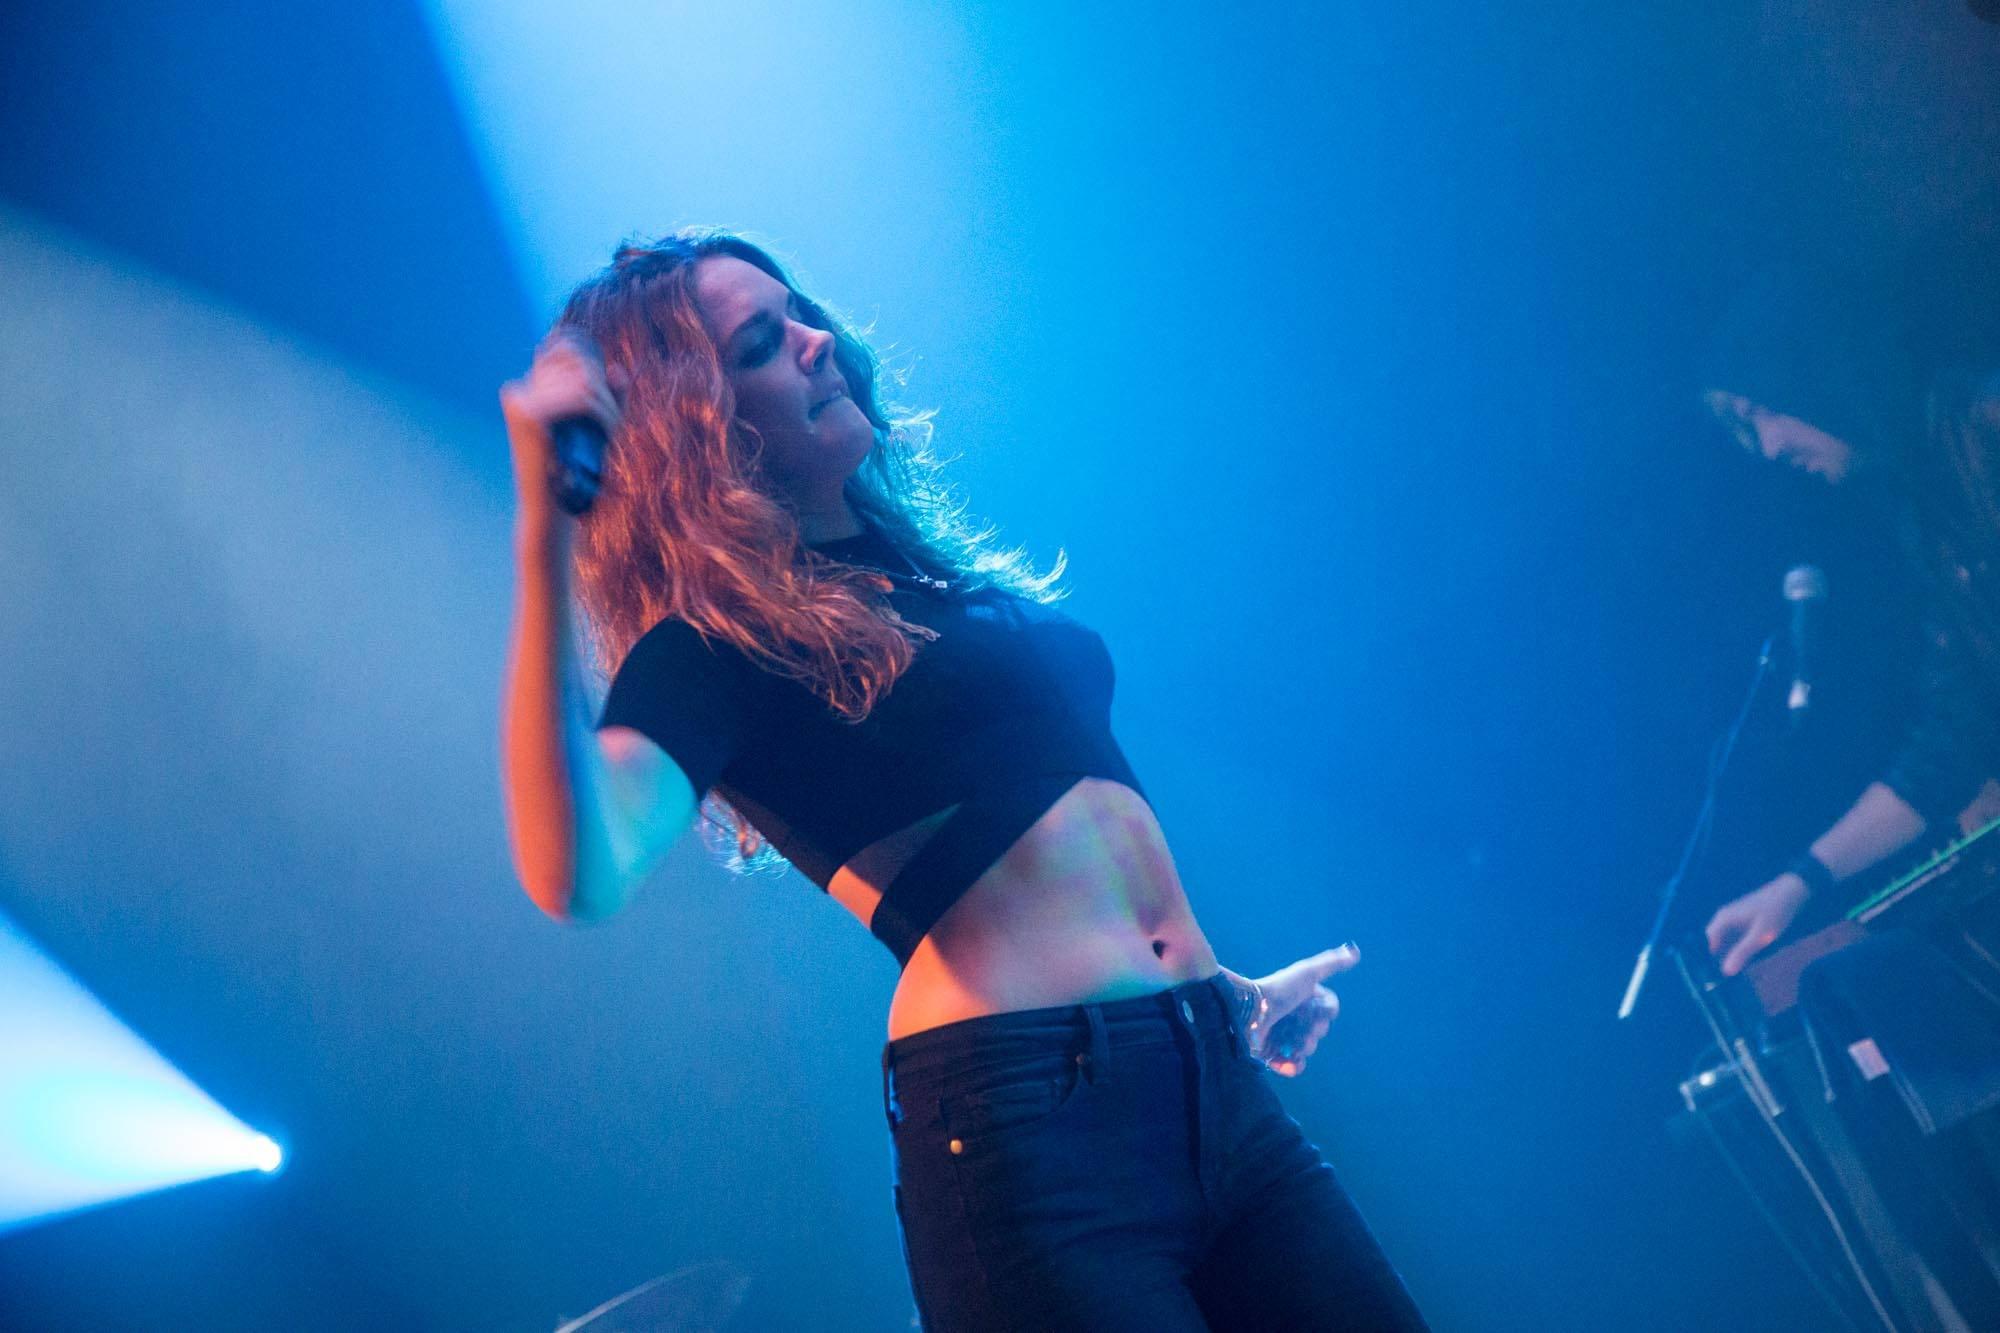 Tove Lo at Venue, Vancouver, Sept. 27 2014